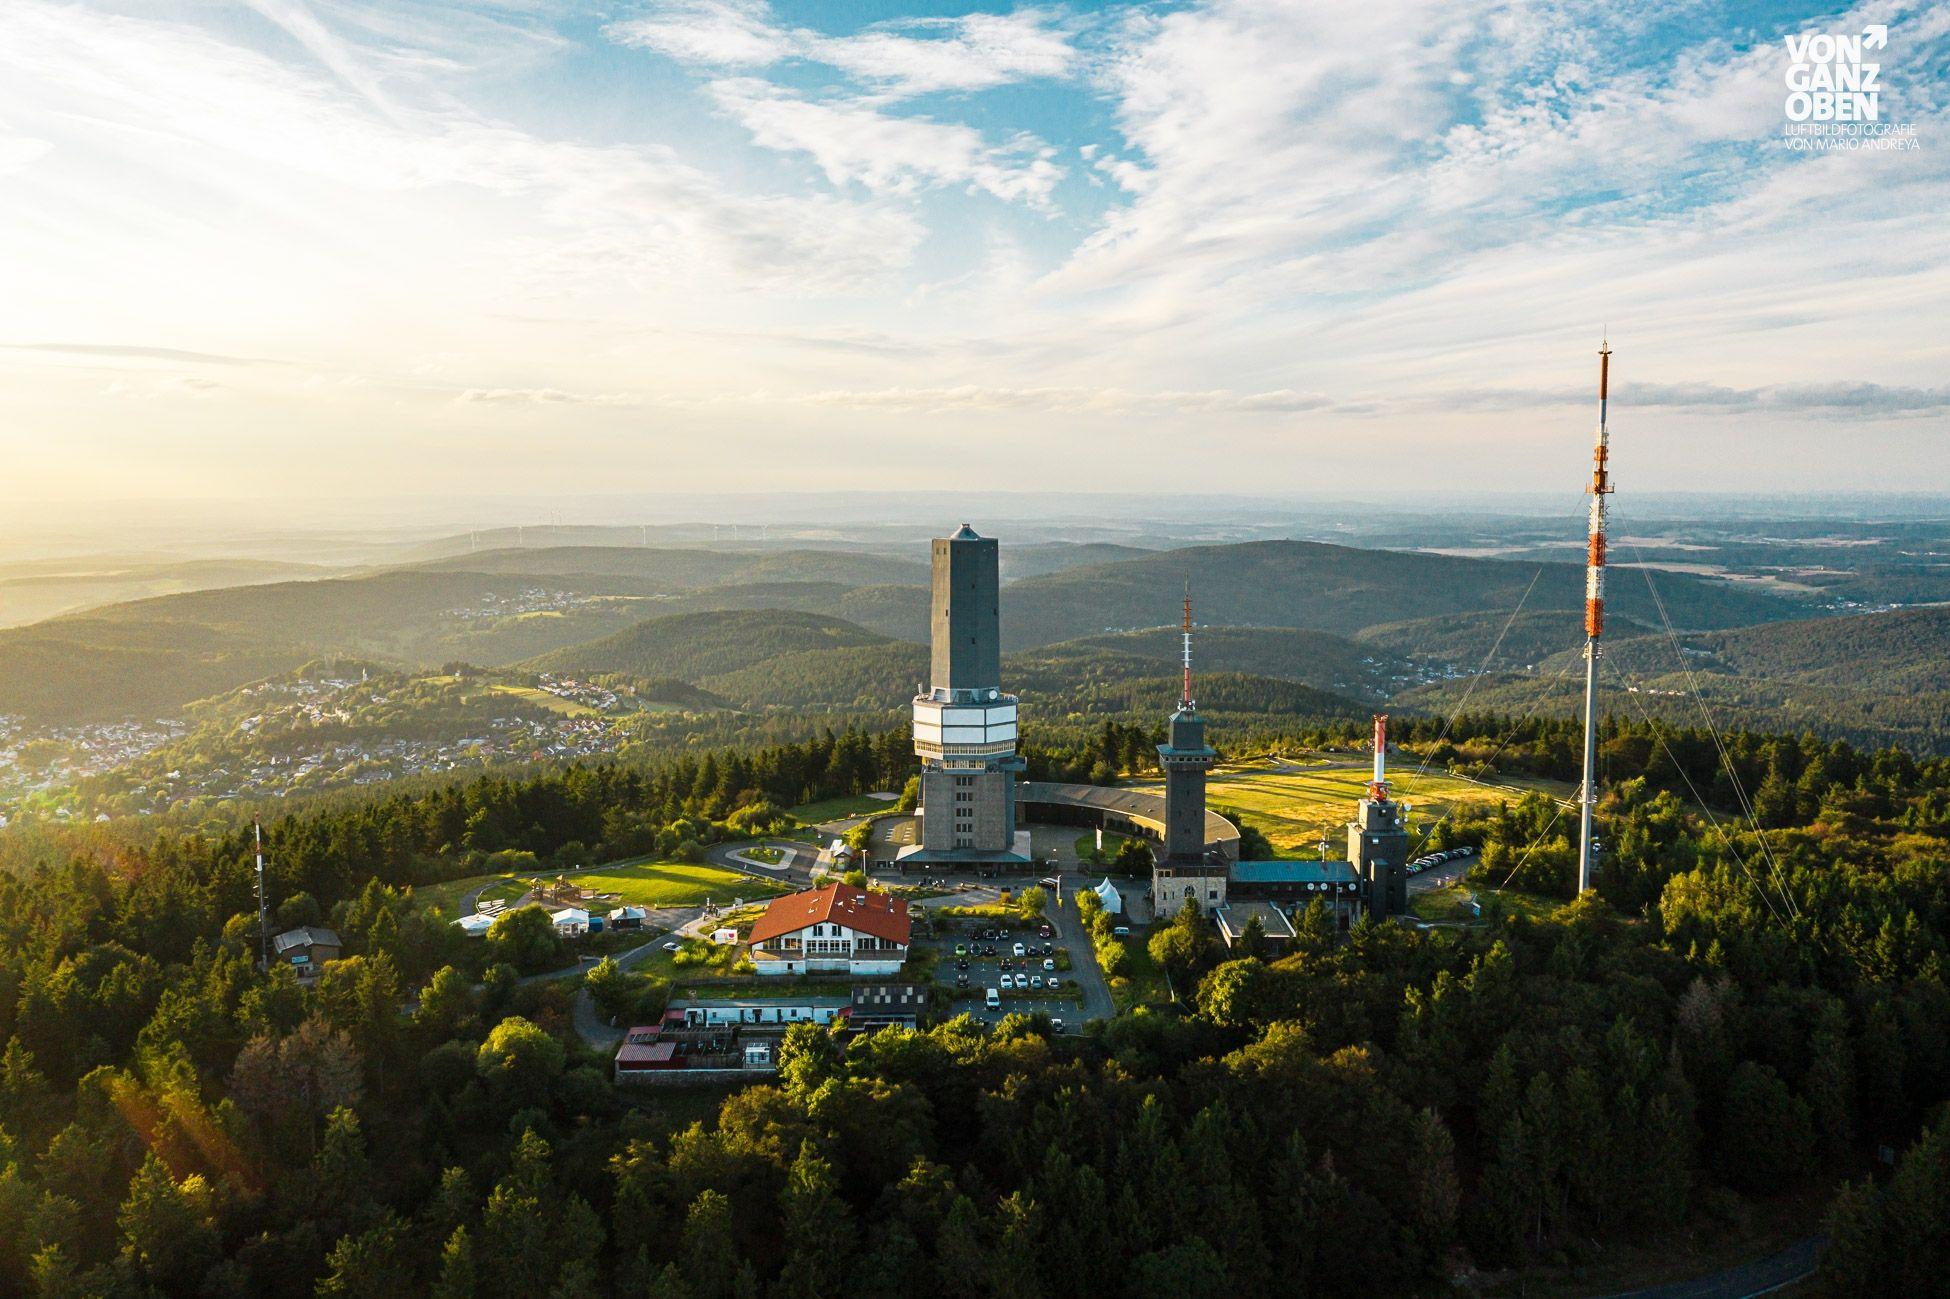 Luftbild Grosser Feldberg (Taunus) im Sommer